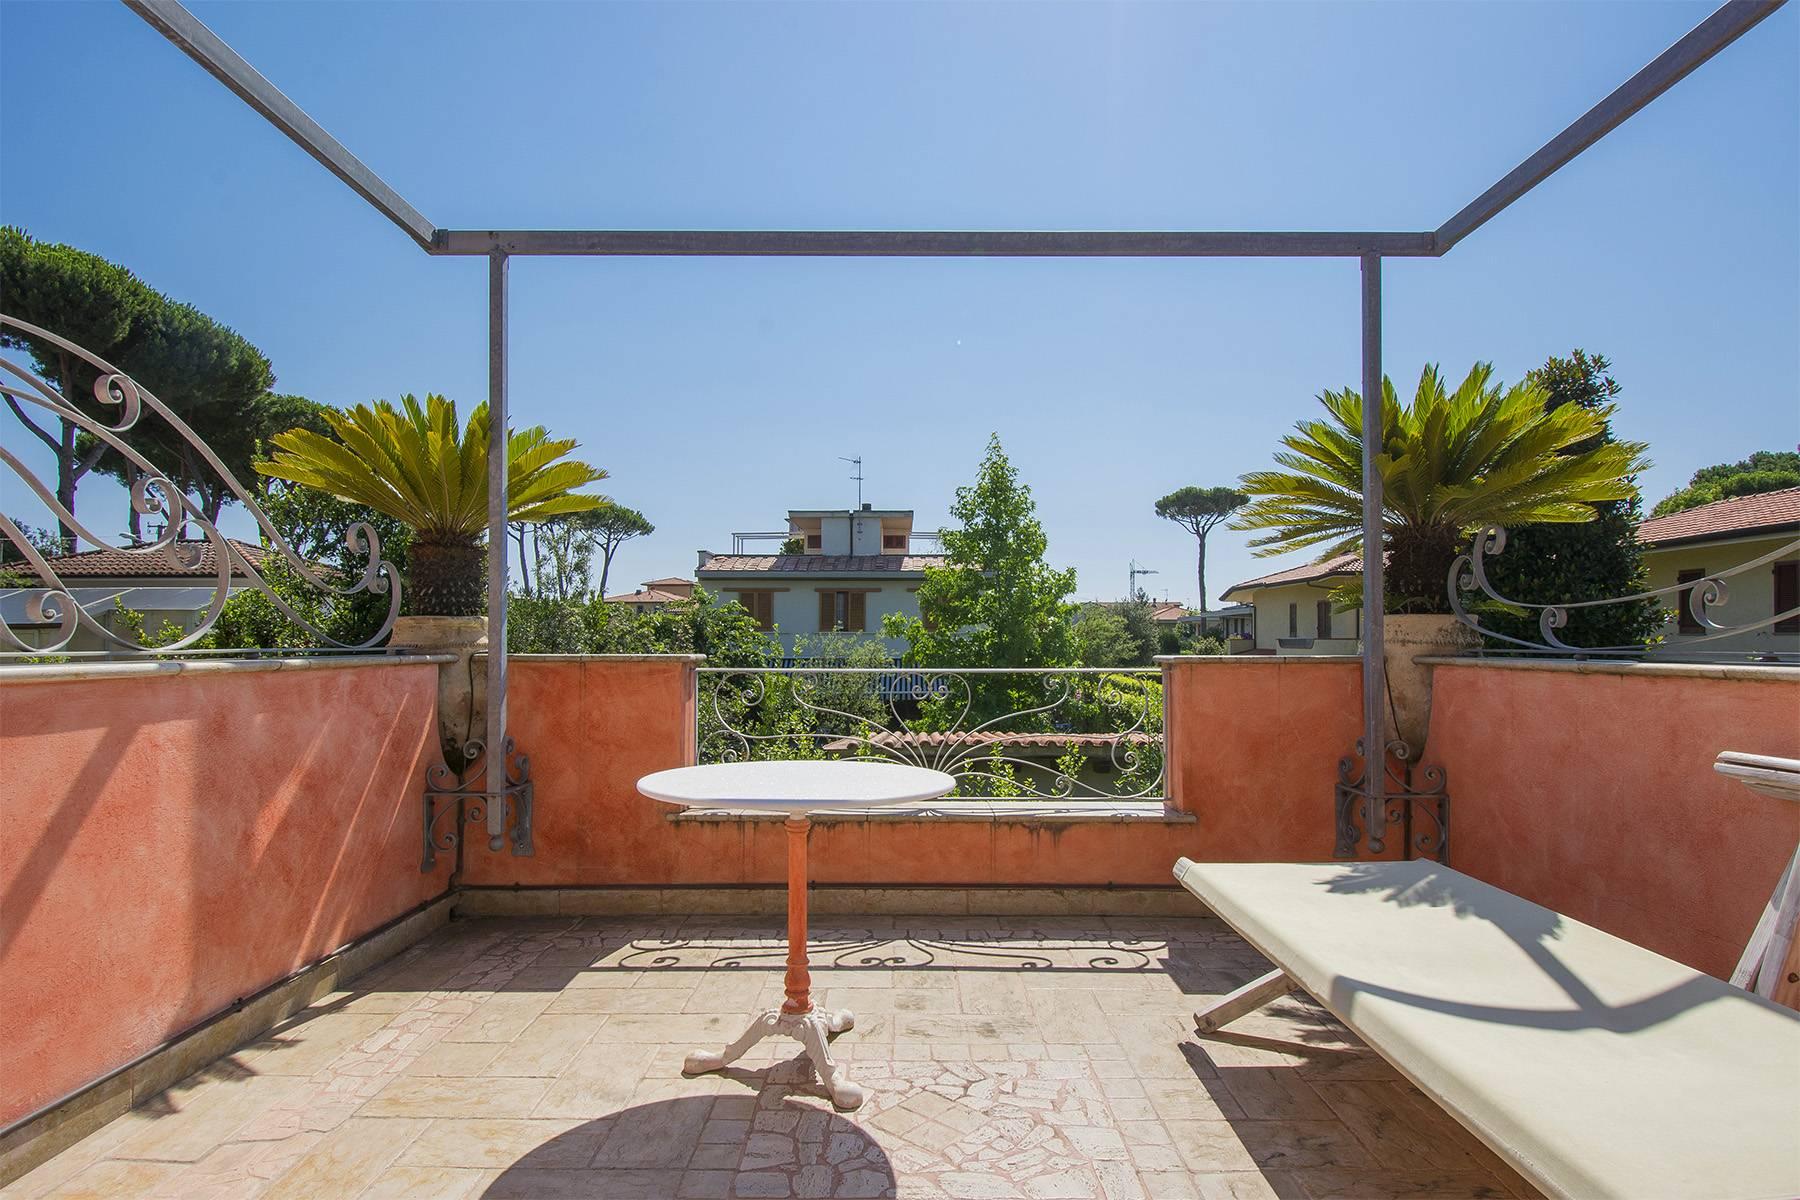 Casa indipendente in Vendita a Pietrasanta: 5 locali, 180 mq - Foto 14